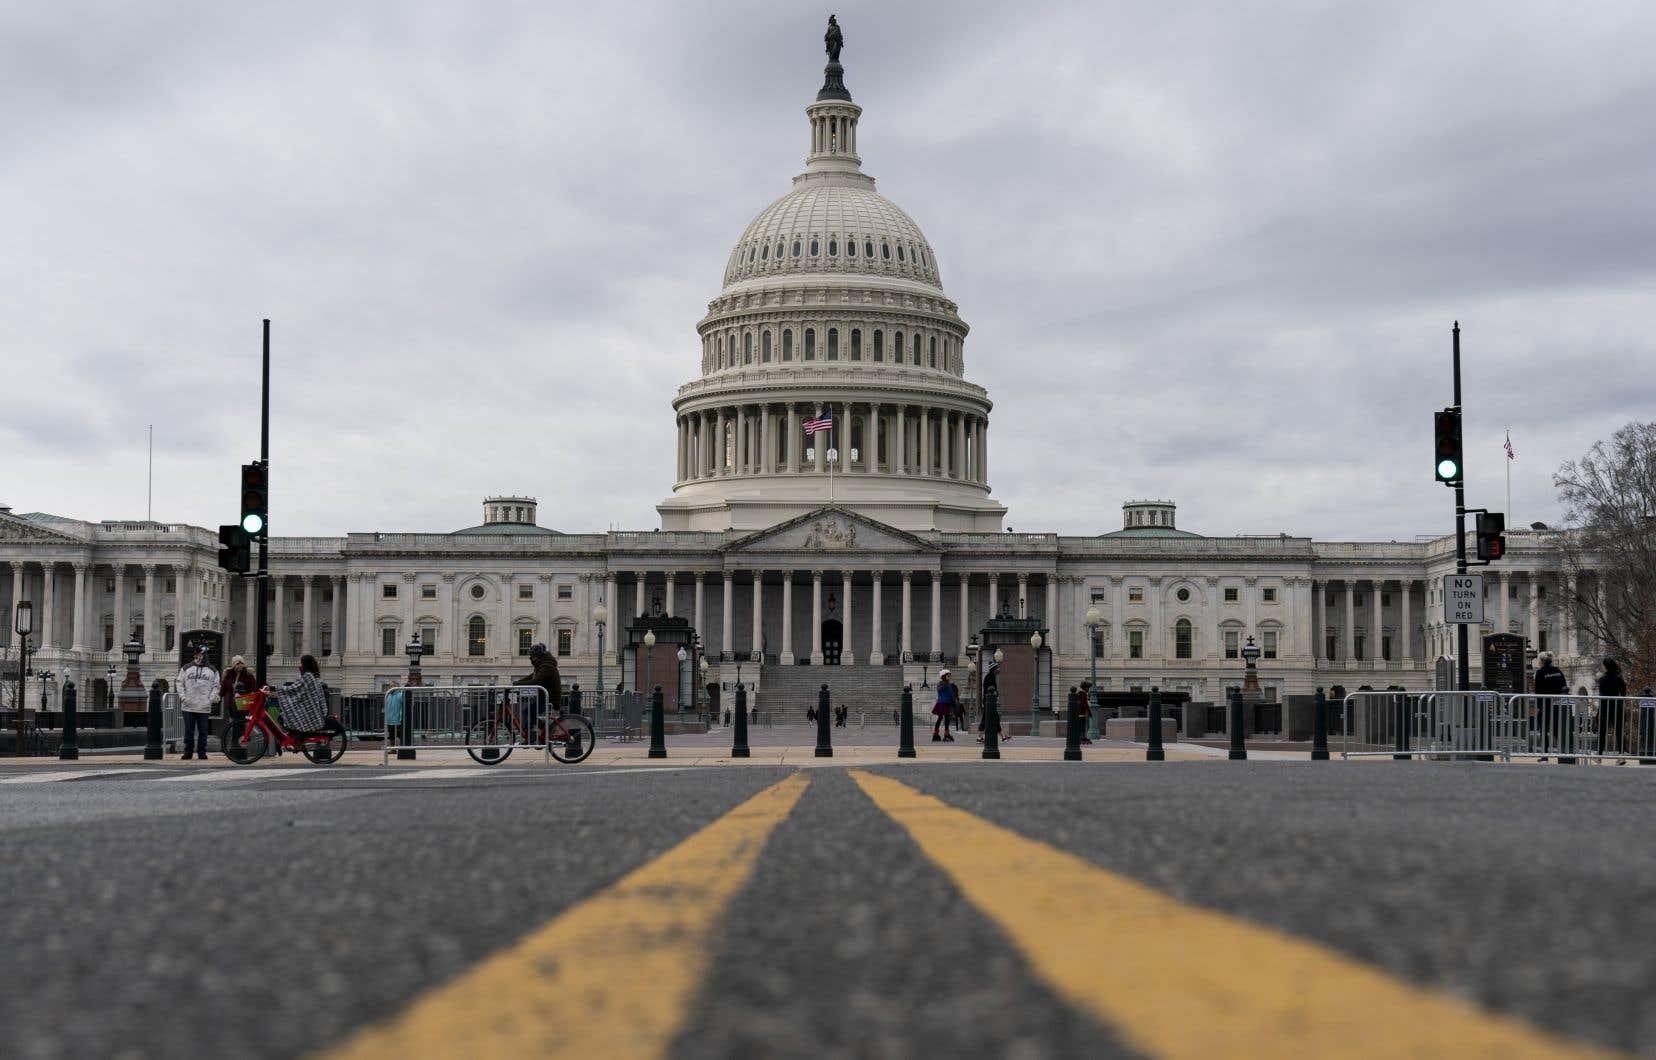 La Chambre et le Sénat doivent se réunir mercredi pour certifier les résultats de l'élection, une procédure qui relève d'ordinaire d'une simple formalité.